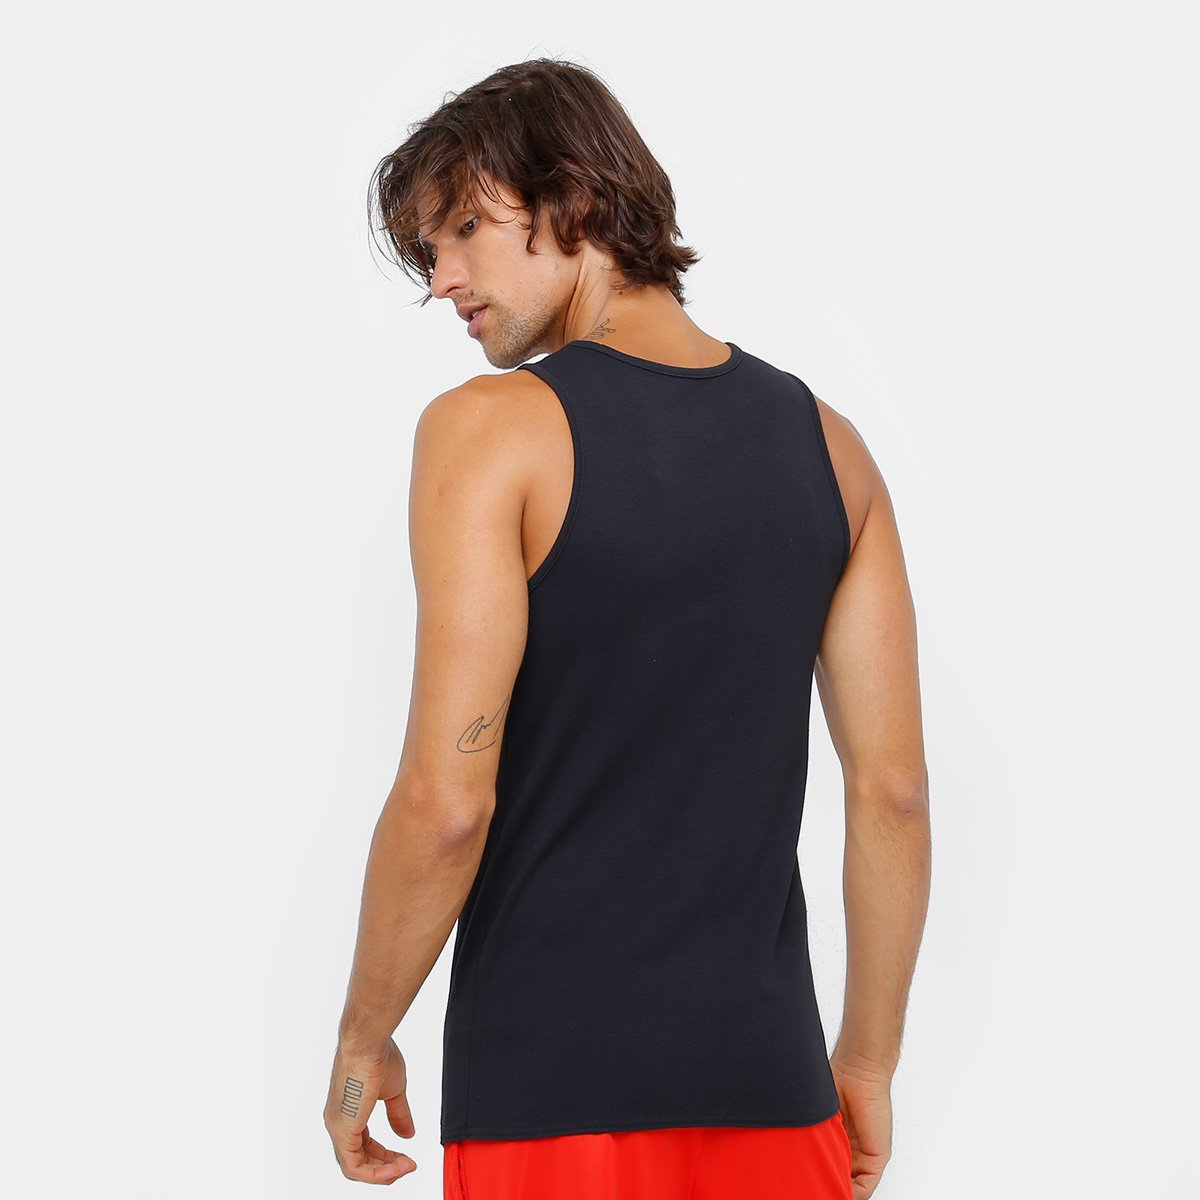 Regata Nike NBA Dri Fit Rise Masculina - Compre Agora  a488104391f8b